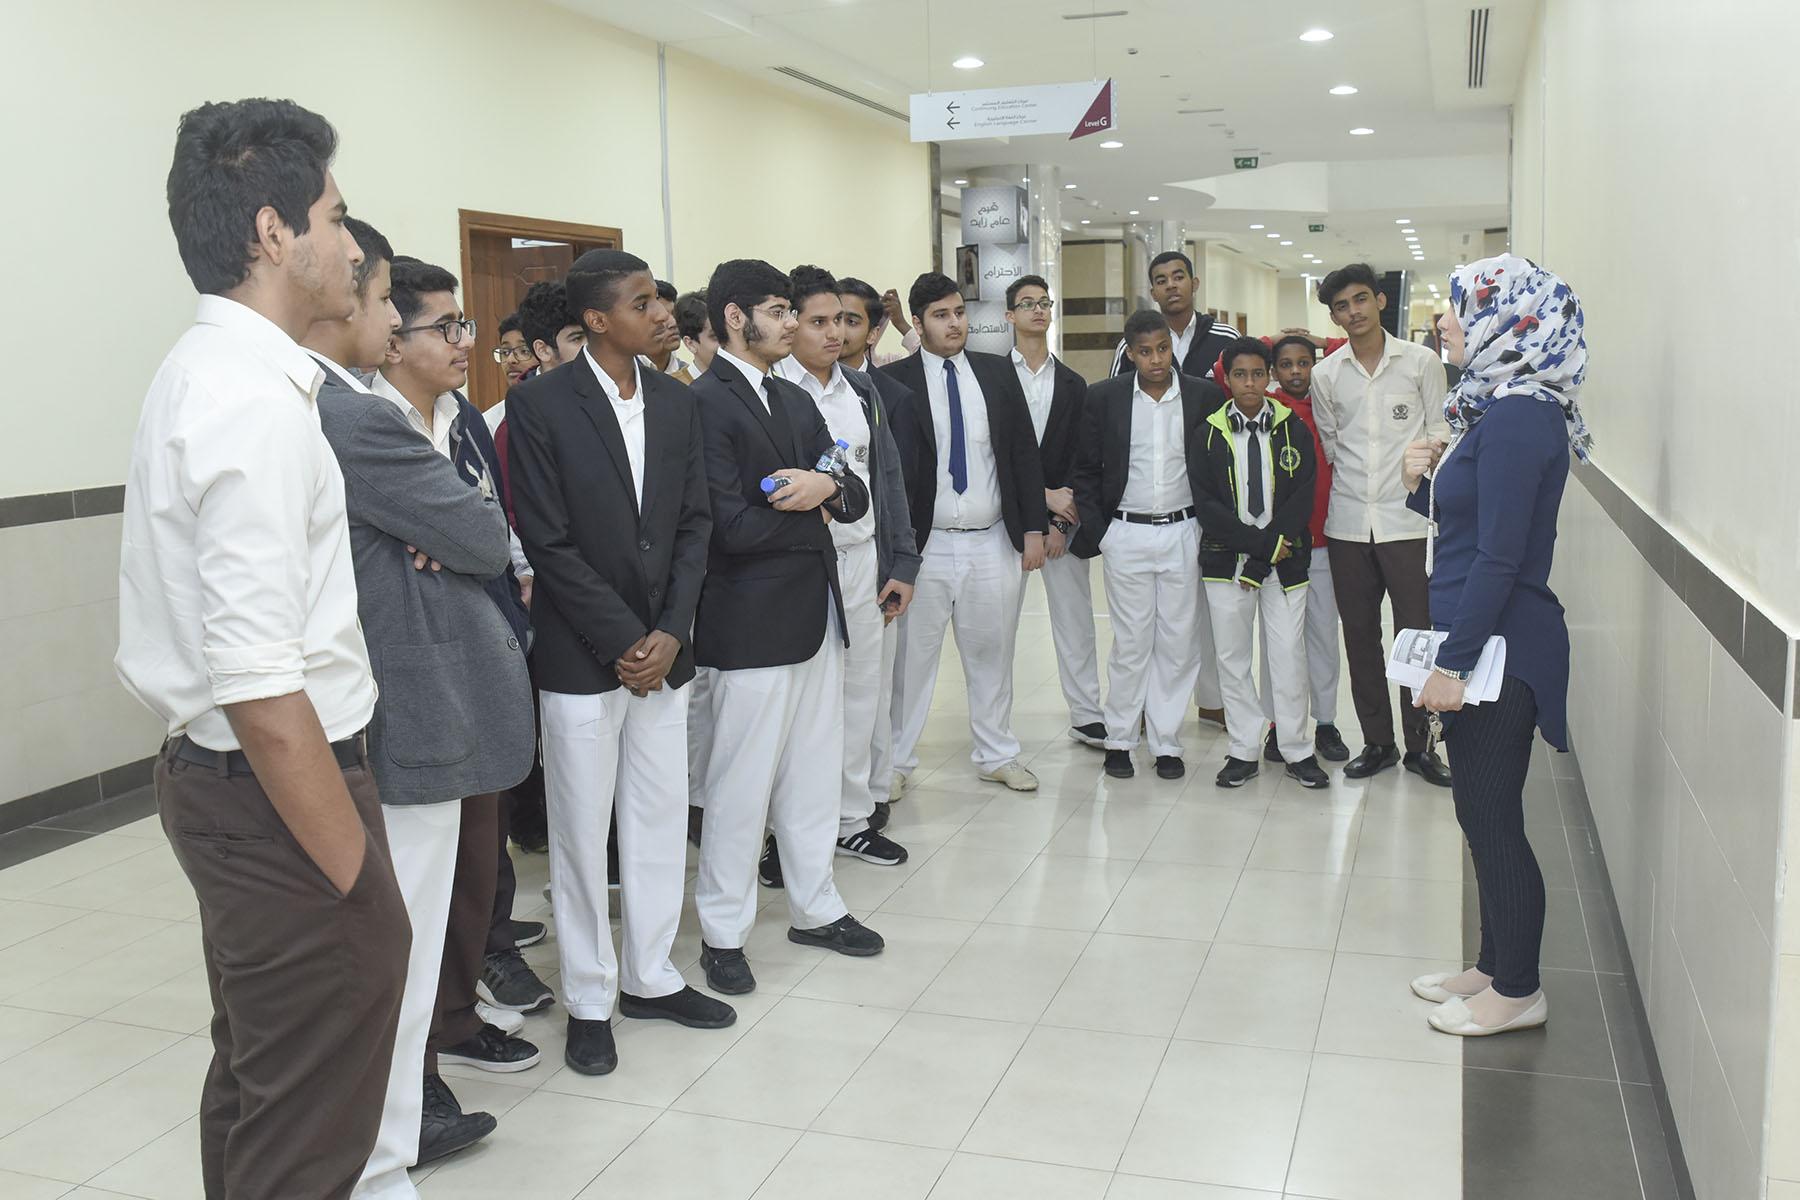 اليوم السابع (مدرسة دار العلوم الخاصة-بني ياس ضد المدرسة الإسلامية الإنجليزية)